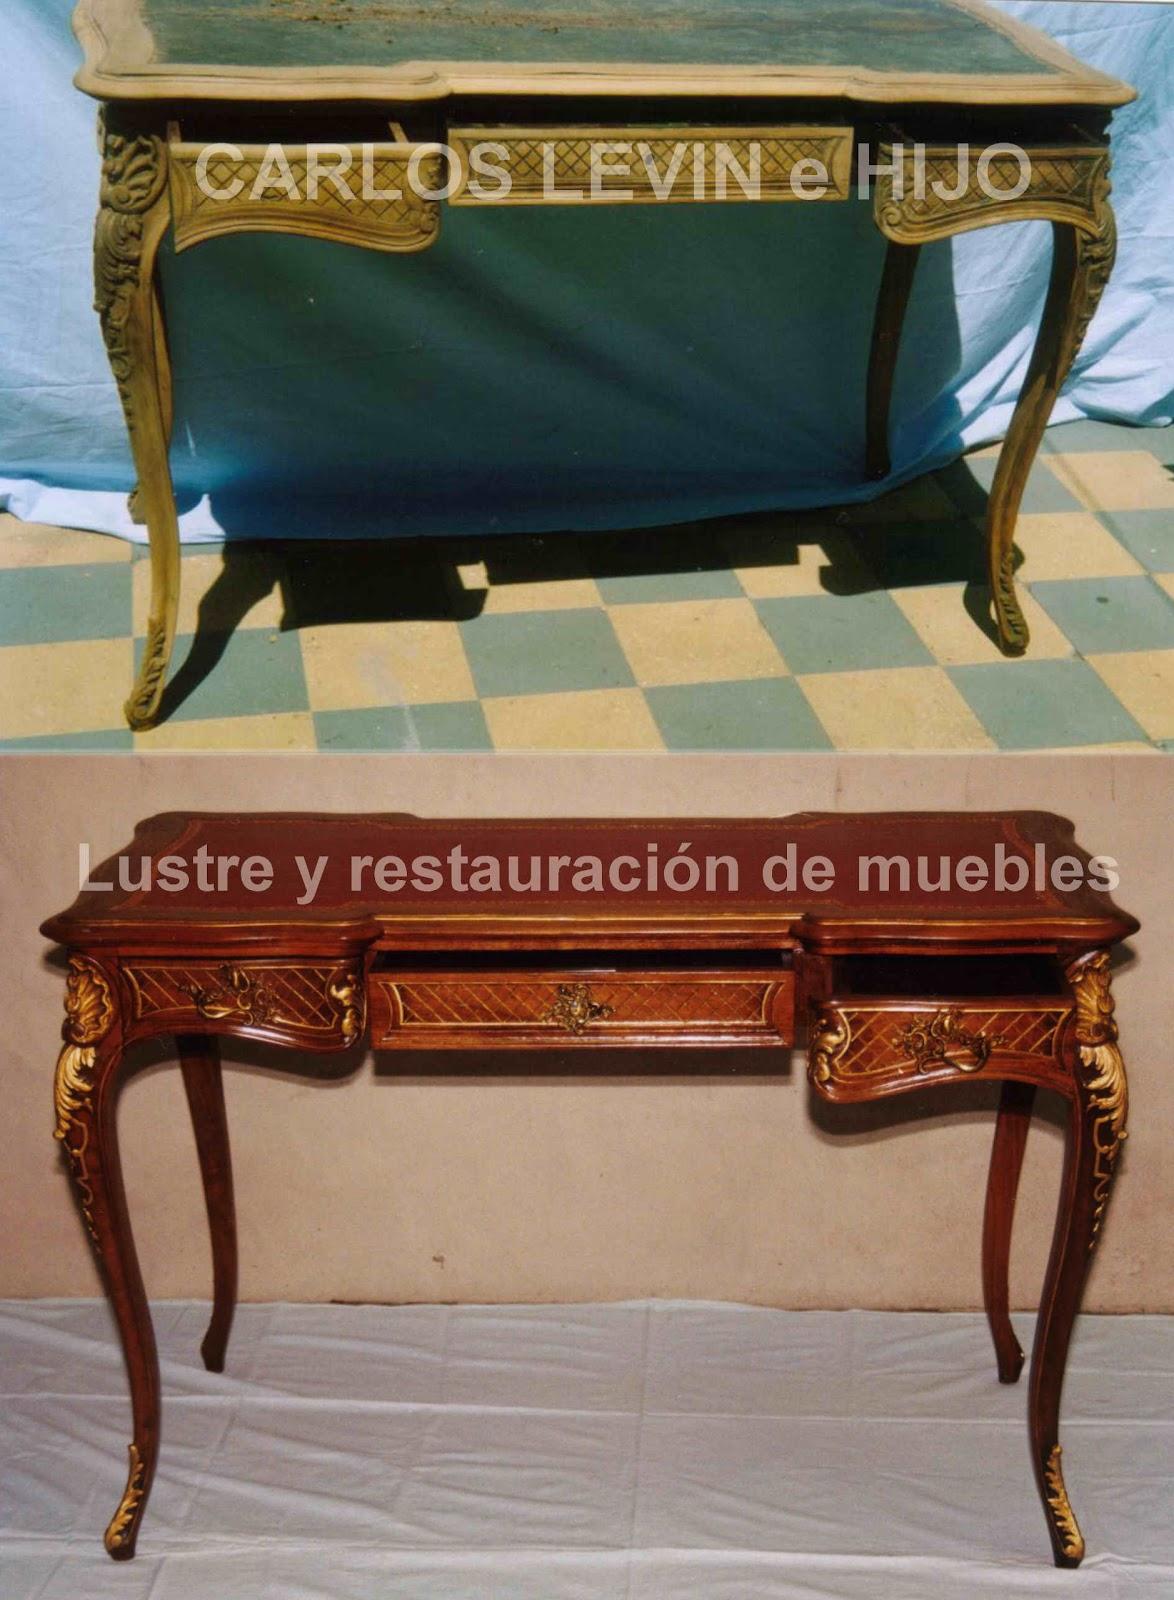 Argentina restauracion y lustre de muebles escritorio - Restauracion de muebles ...